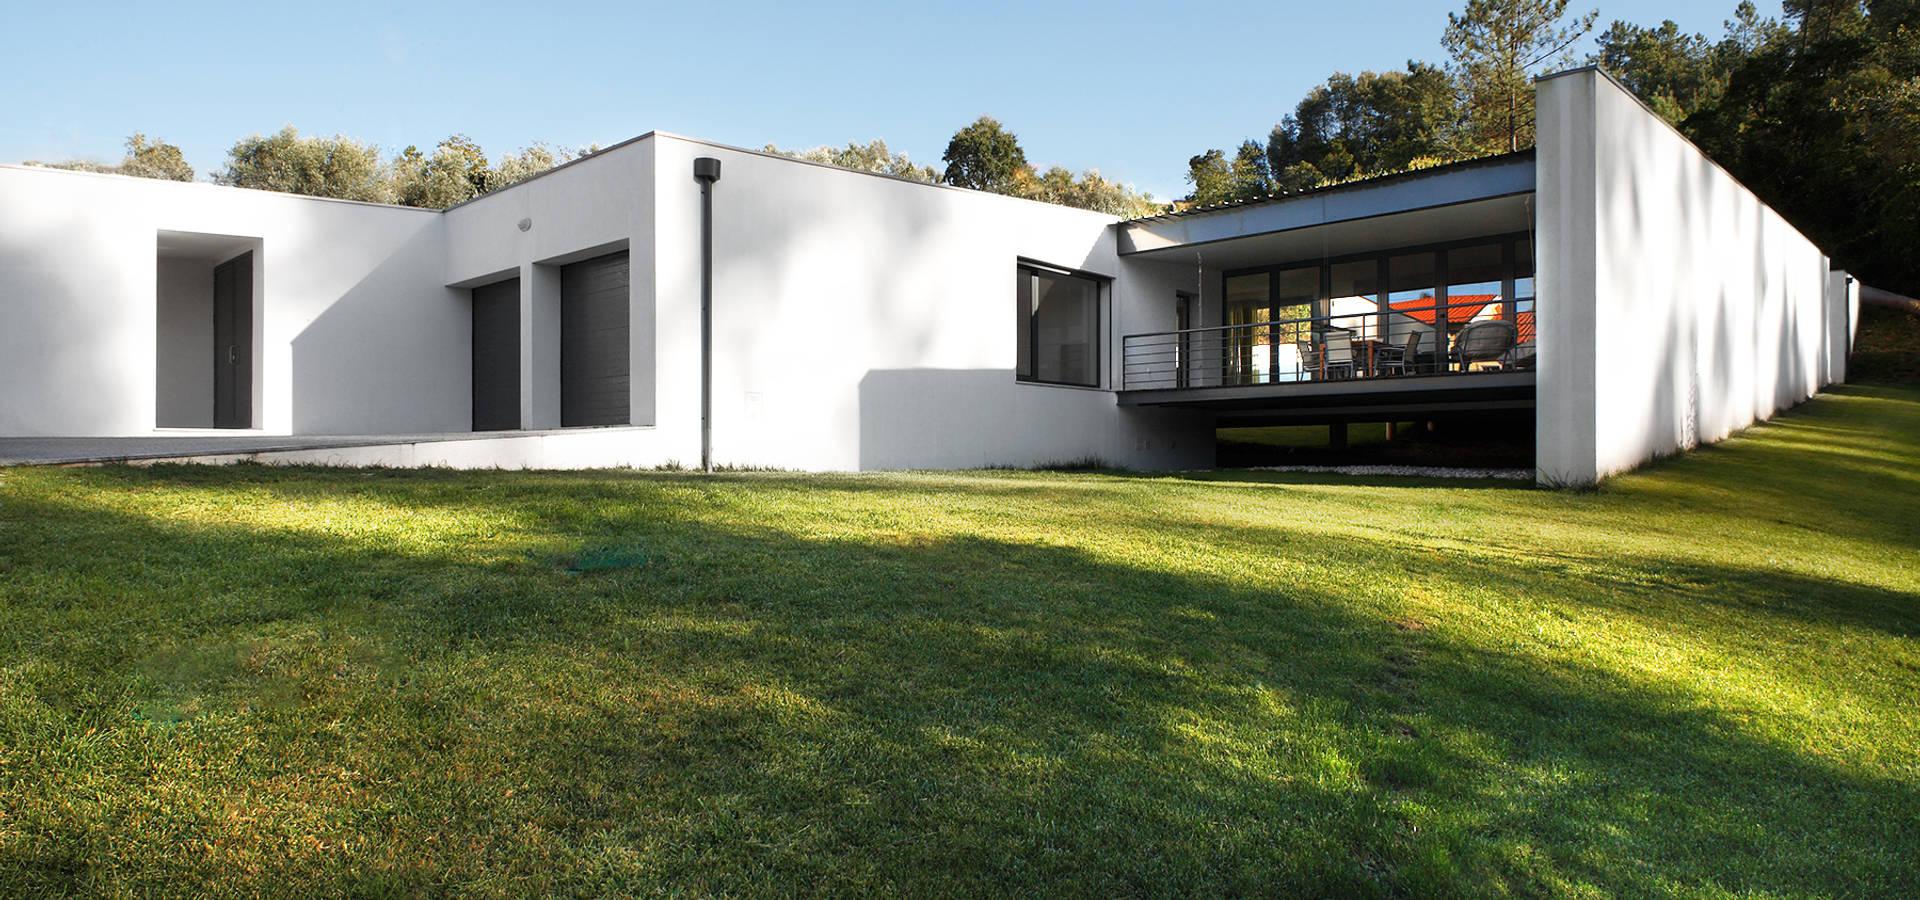 António Carvalho – Arquitectura e Urbanismo, Lda.